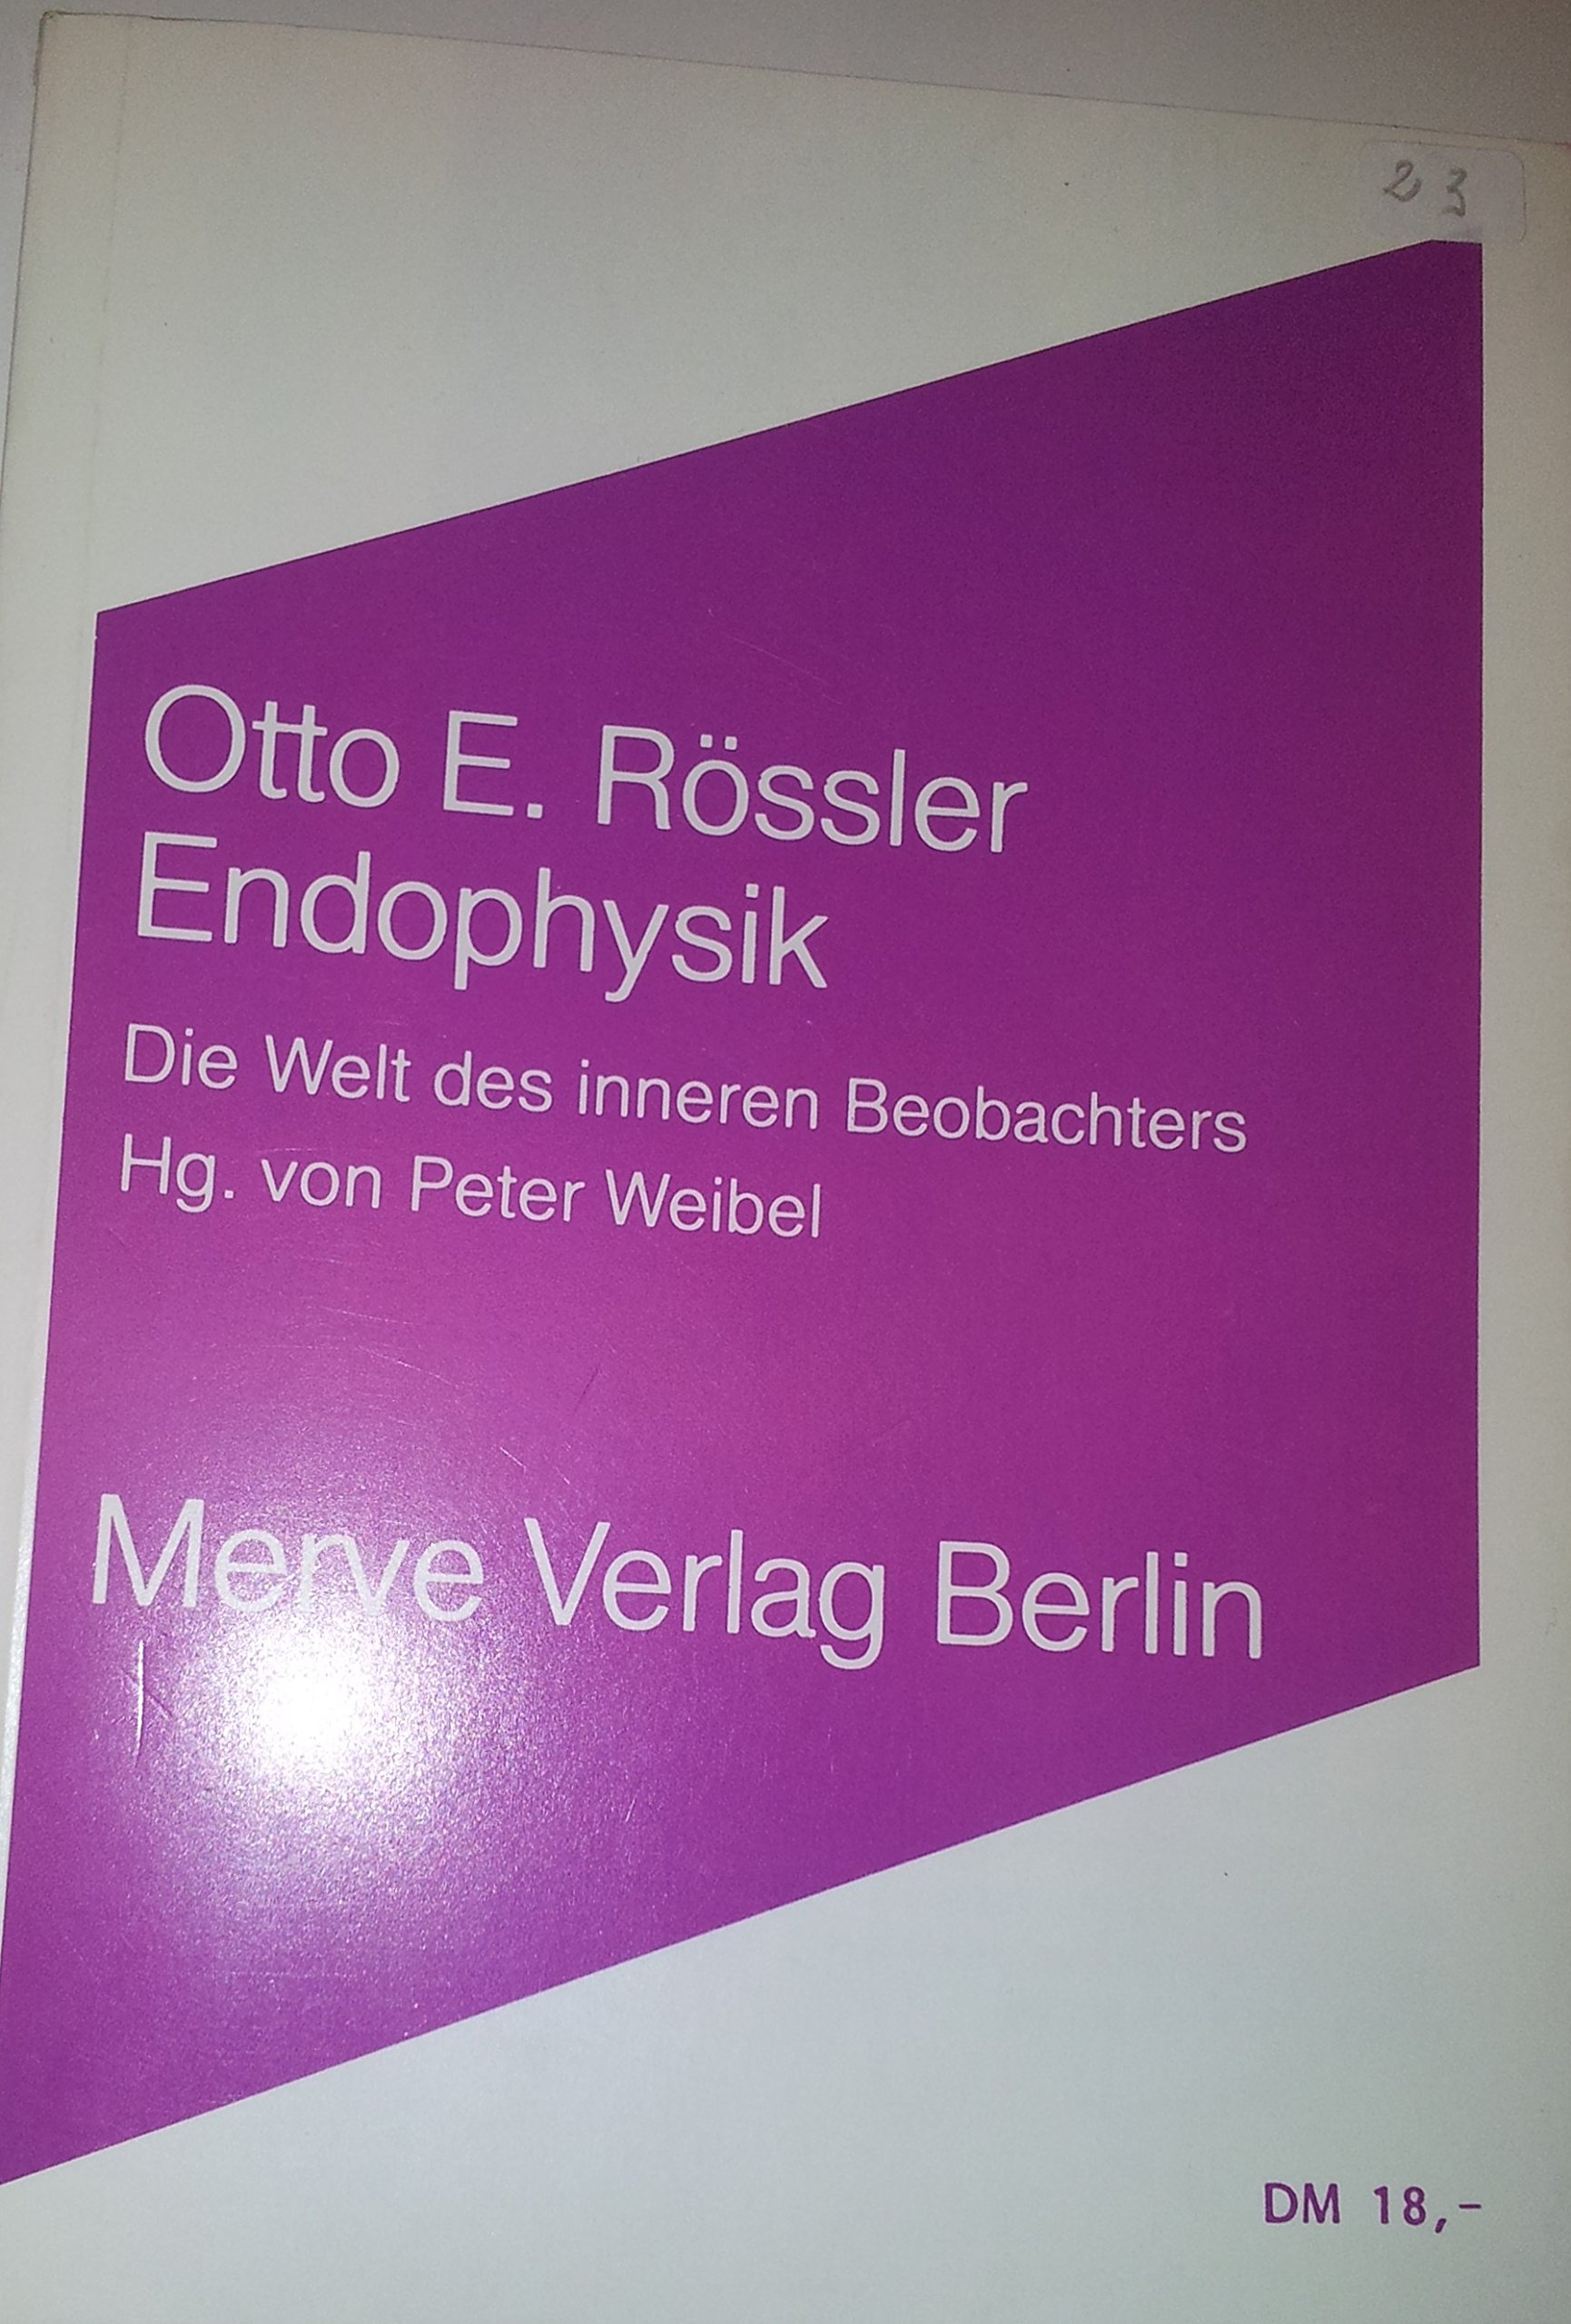 Endophysik. Die Welt des inneren Beobachters